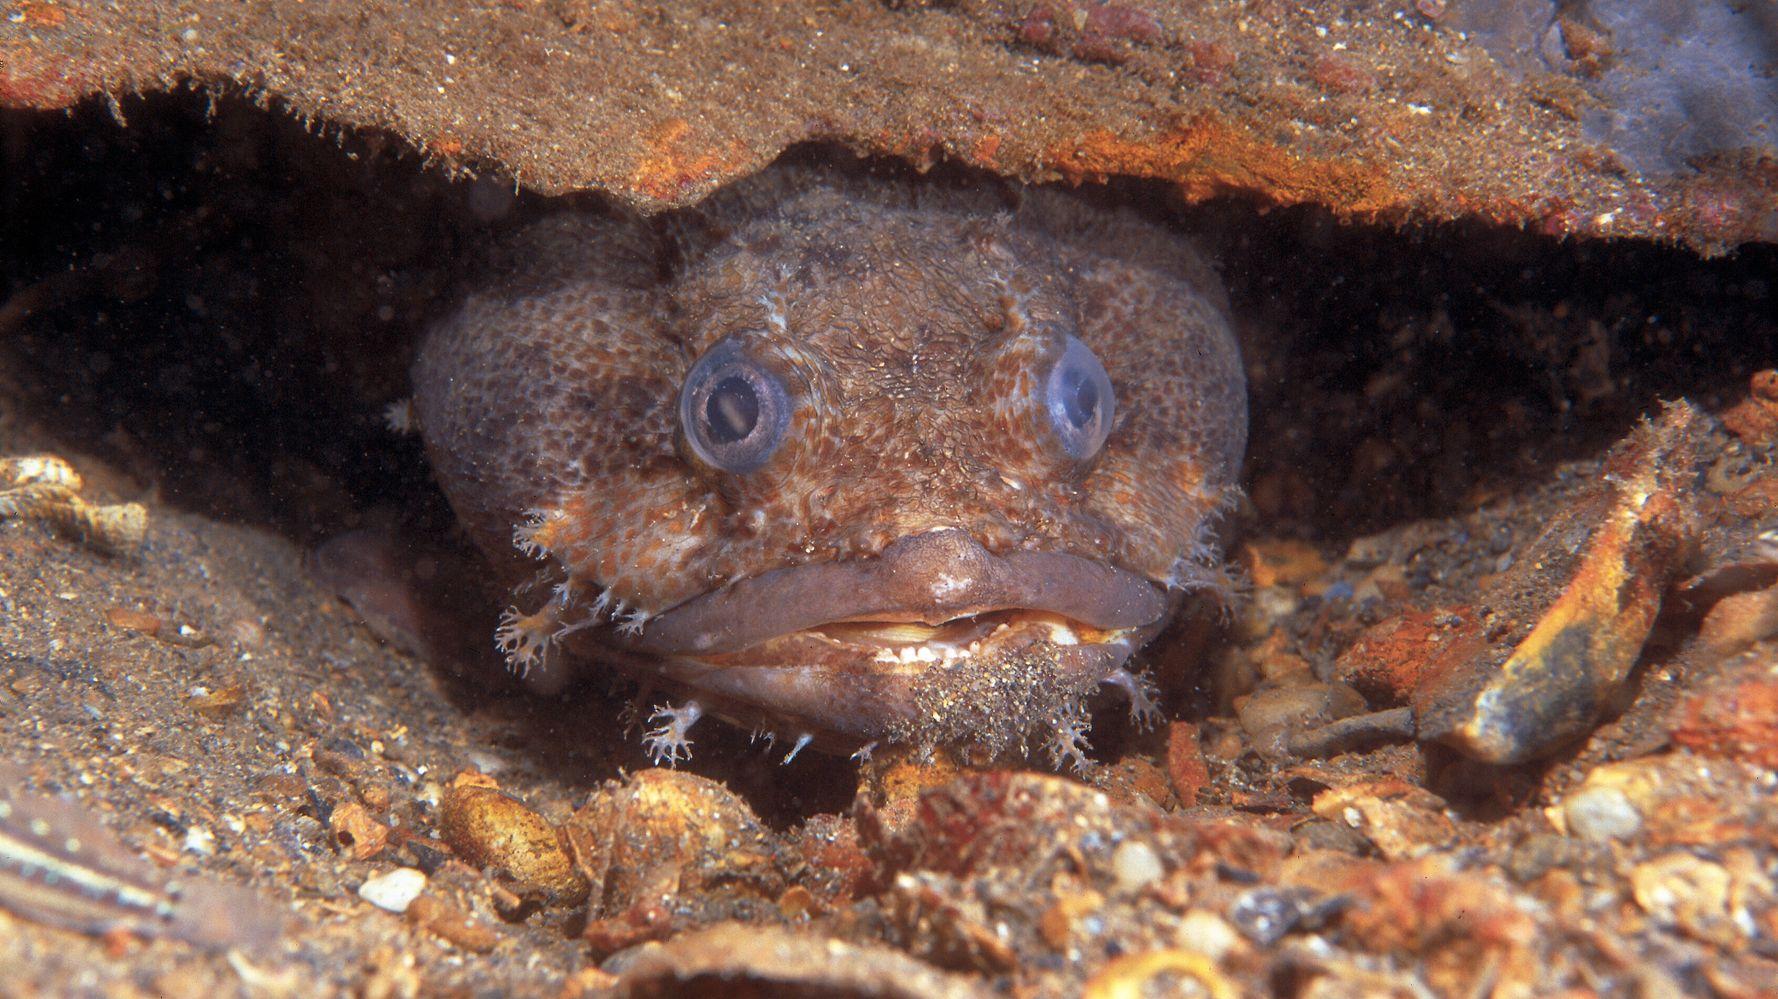 Βατραχόψαρο: Το επικίνδυνα τοξικό ψάρι που καταστρέφει την αλιεία της Κύπρου